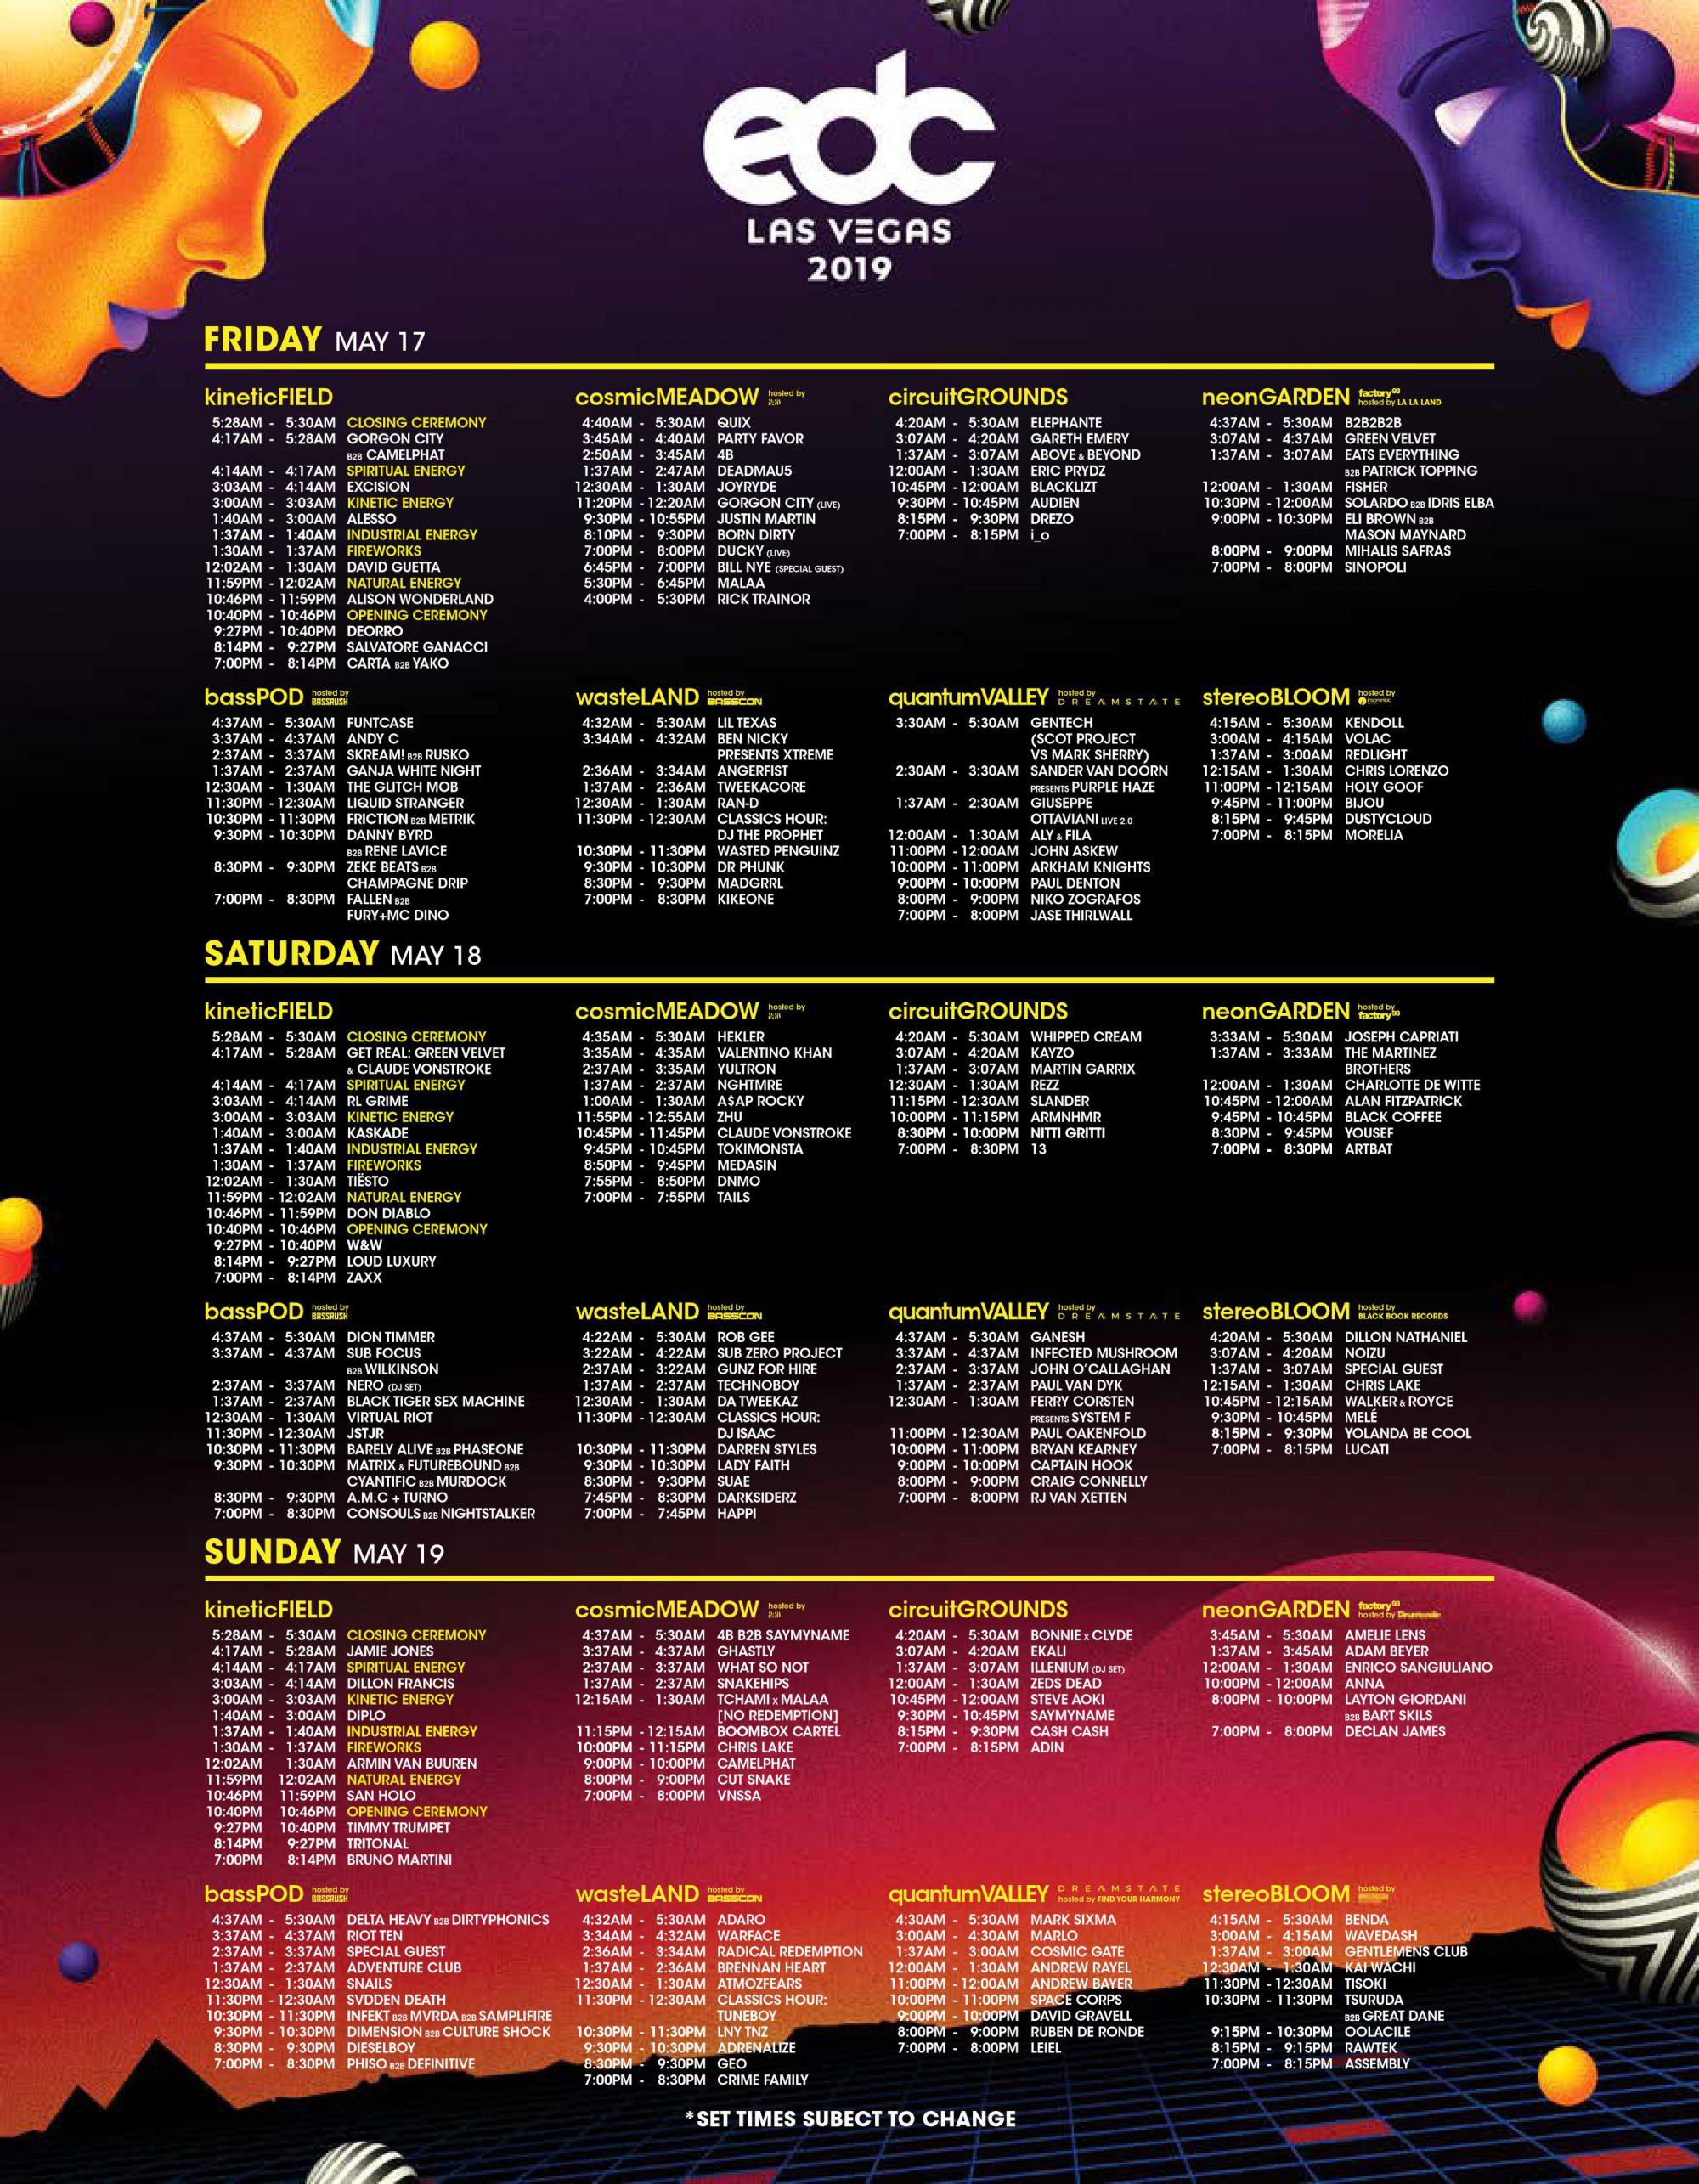 EDC Las Vegas 2019 Set Times